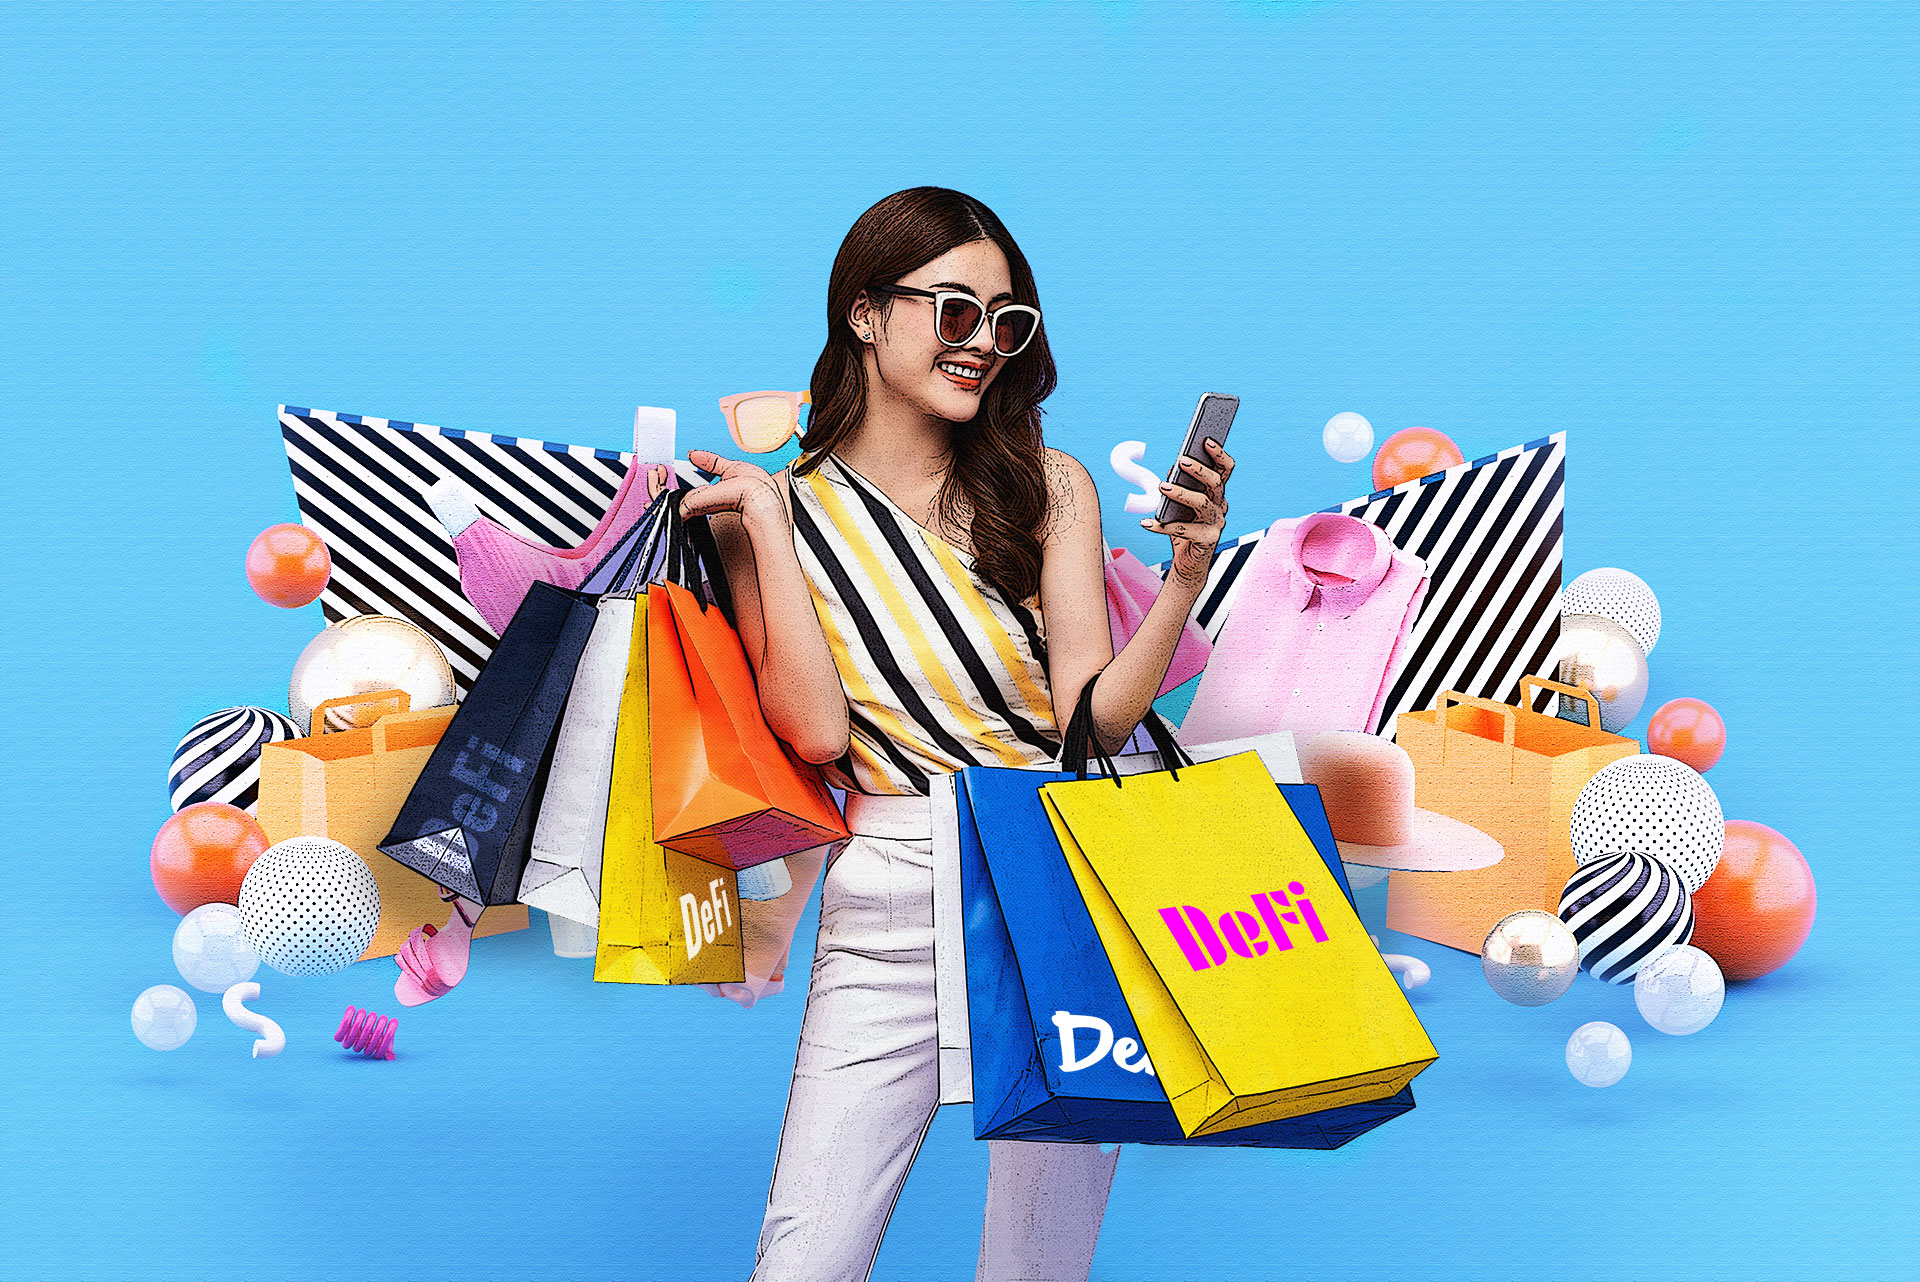 DeFi & eCommerce